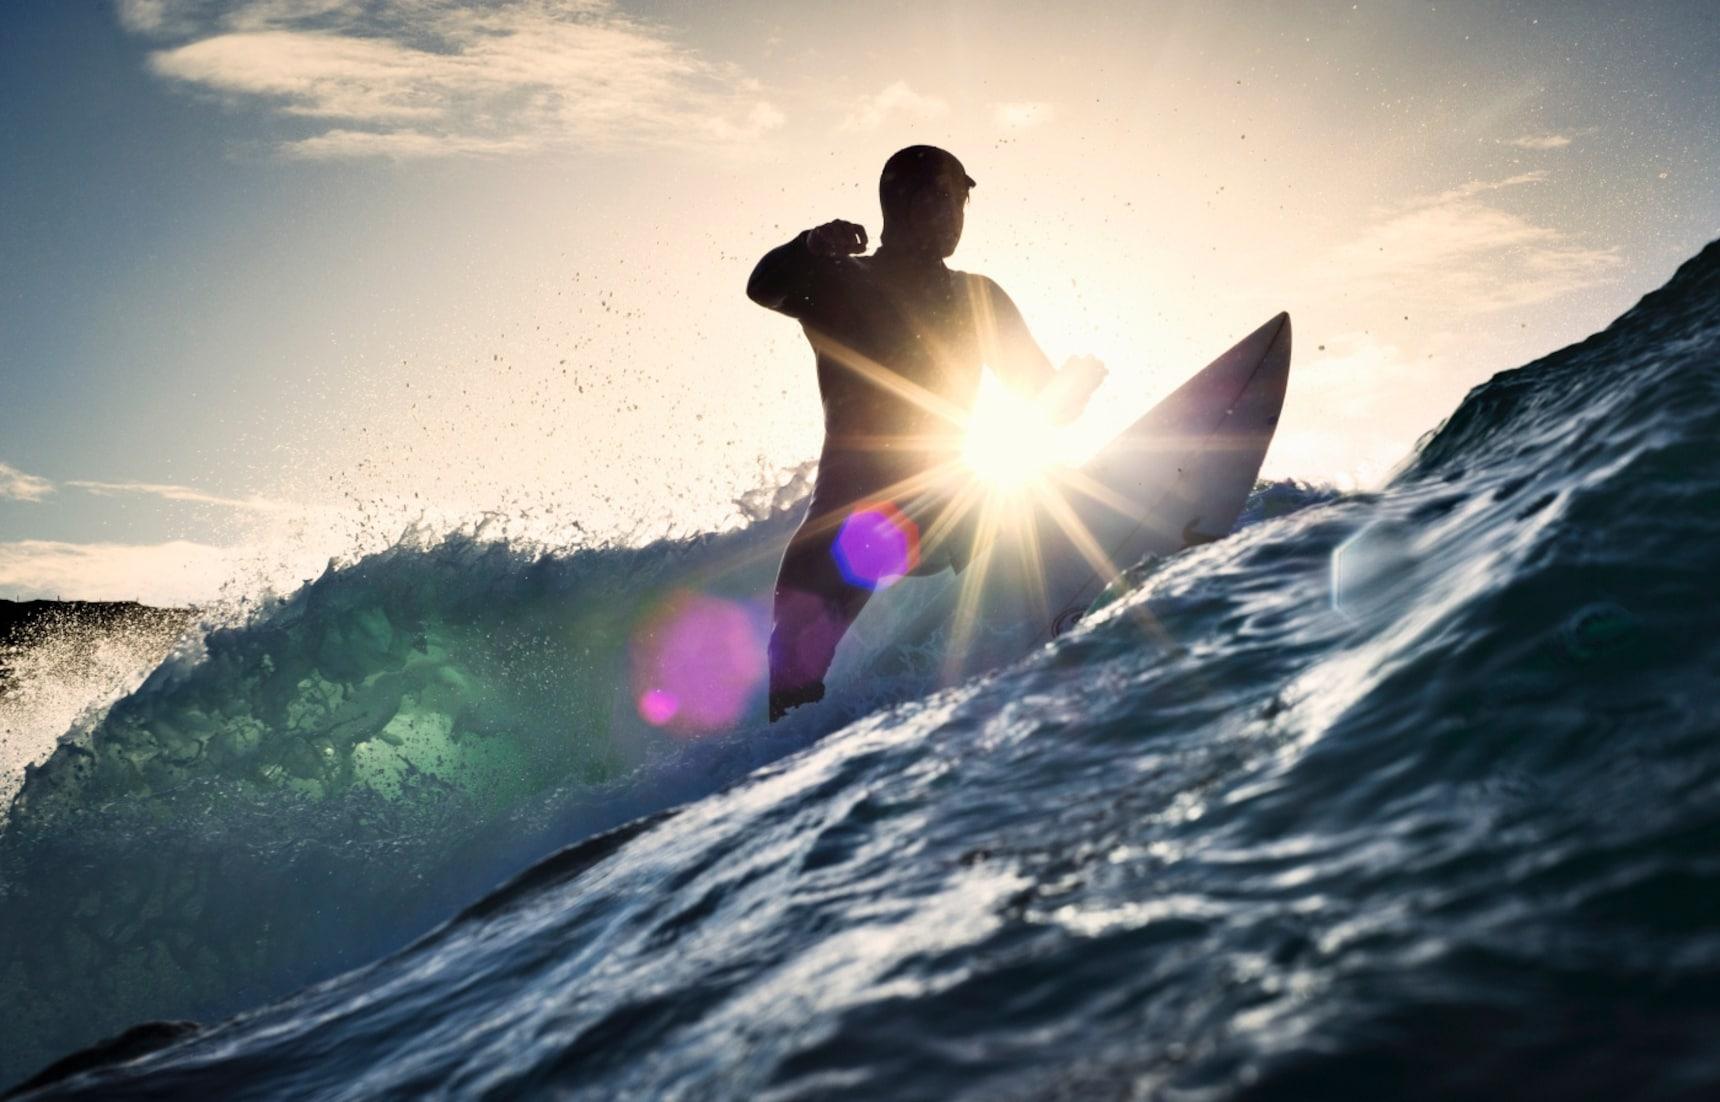 일본 체험: 오키나와 바다에서 즐기는 해양 레포츠